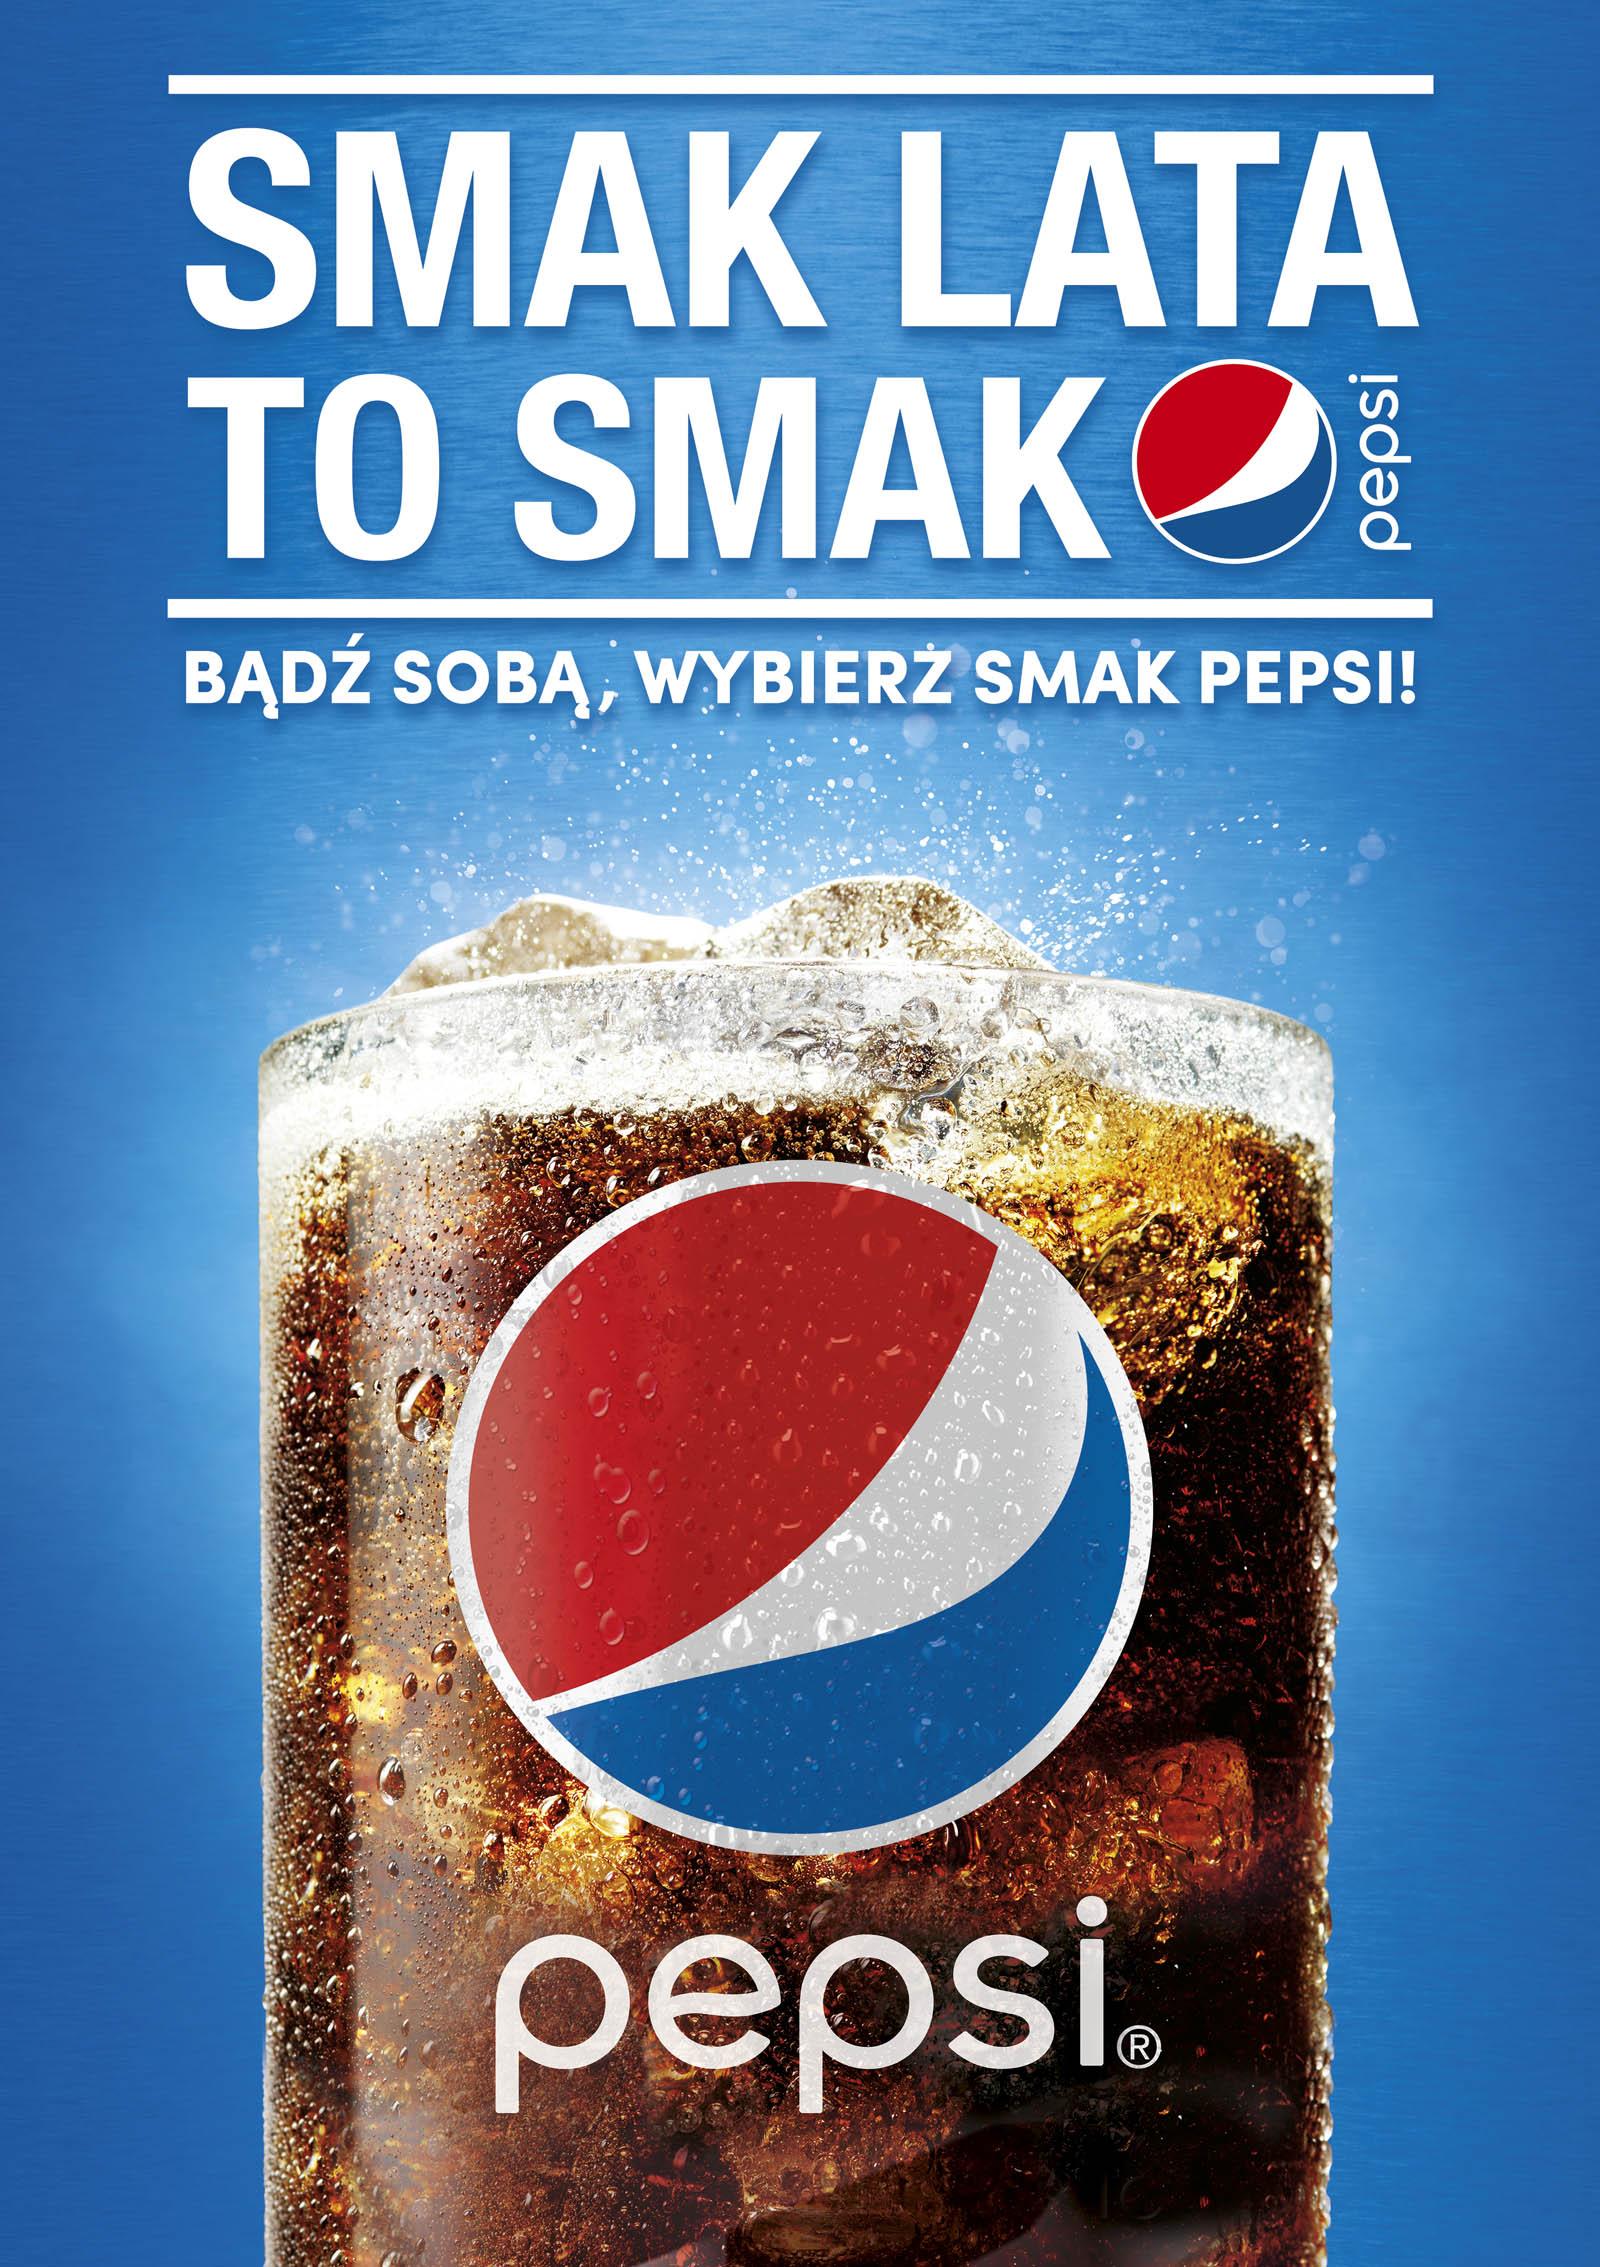 Wyzwanie smaku Pepsi w najbliższy weekend w Myślęcinku